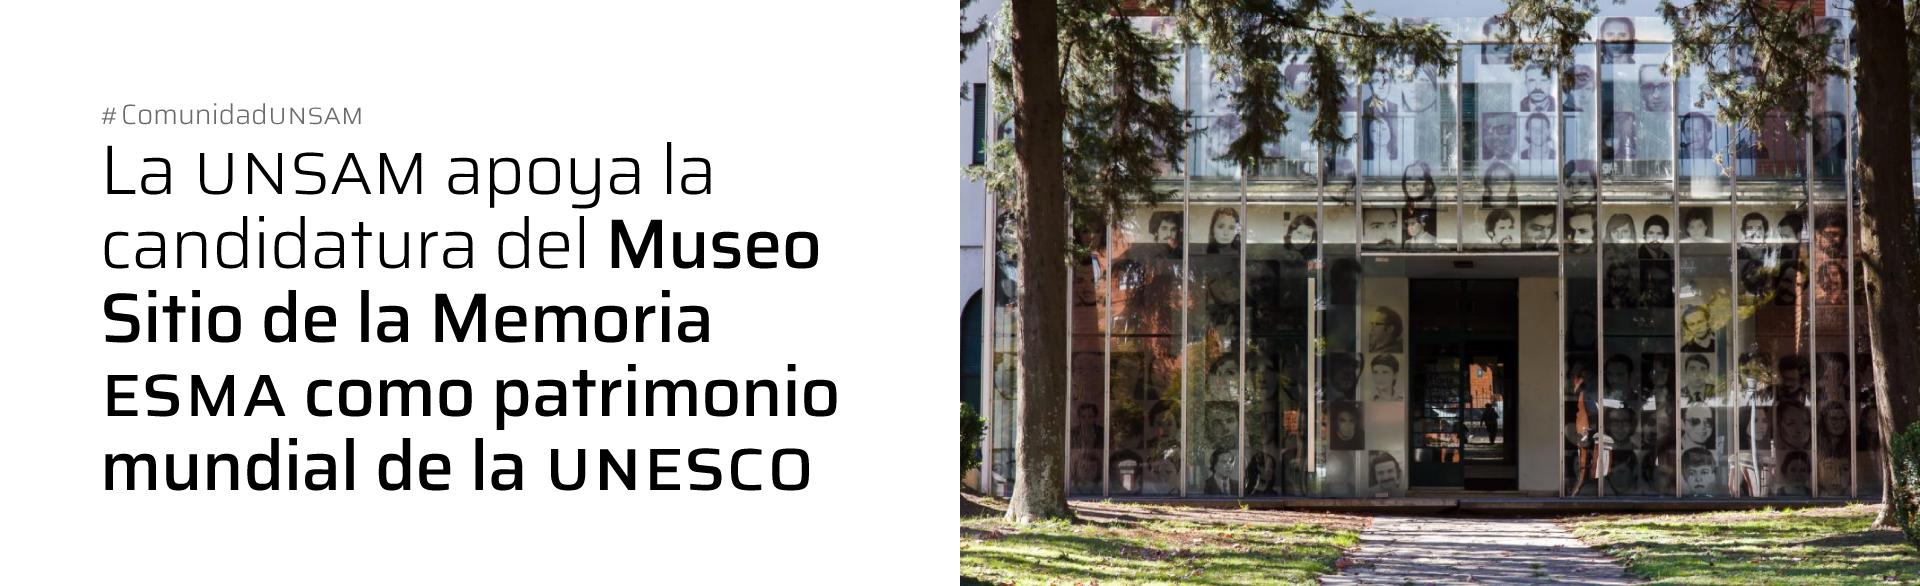 UNSAM ESMA UNESCO